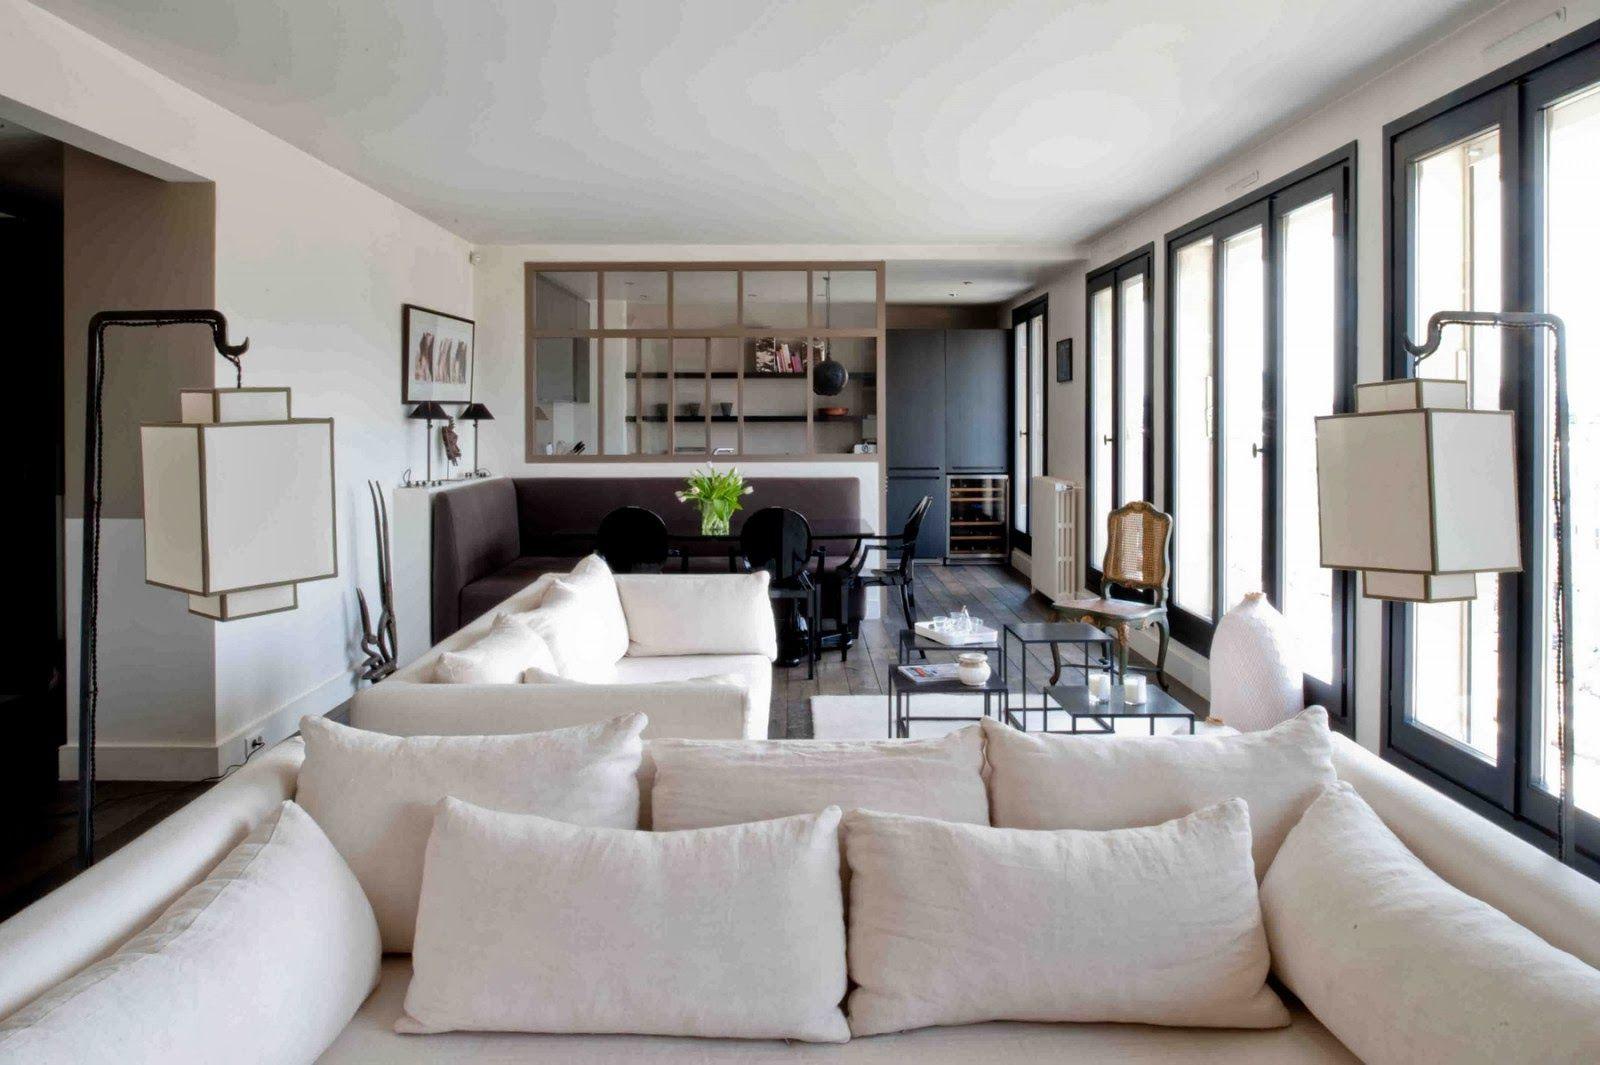 Divagua scientia sarah lavoine architecture d 39 int rieur - Interieur design maison de ville flegel ...